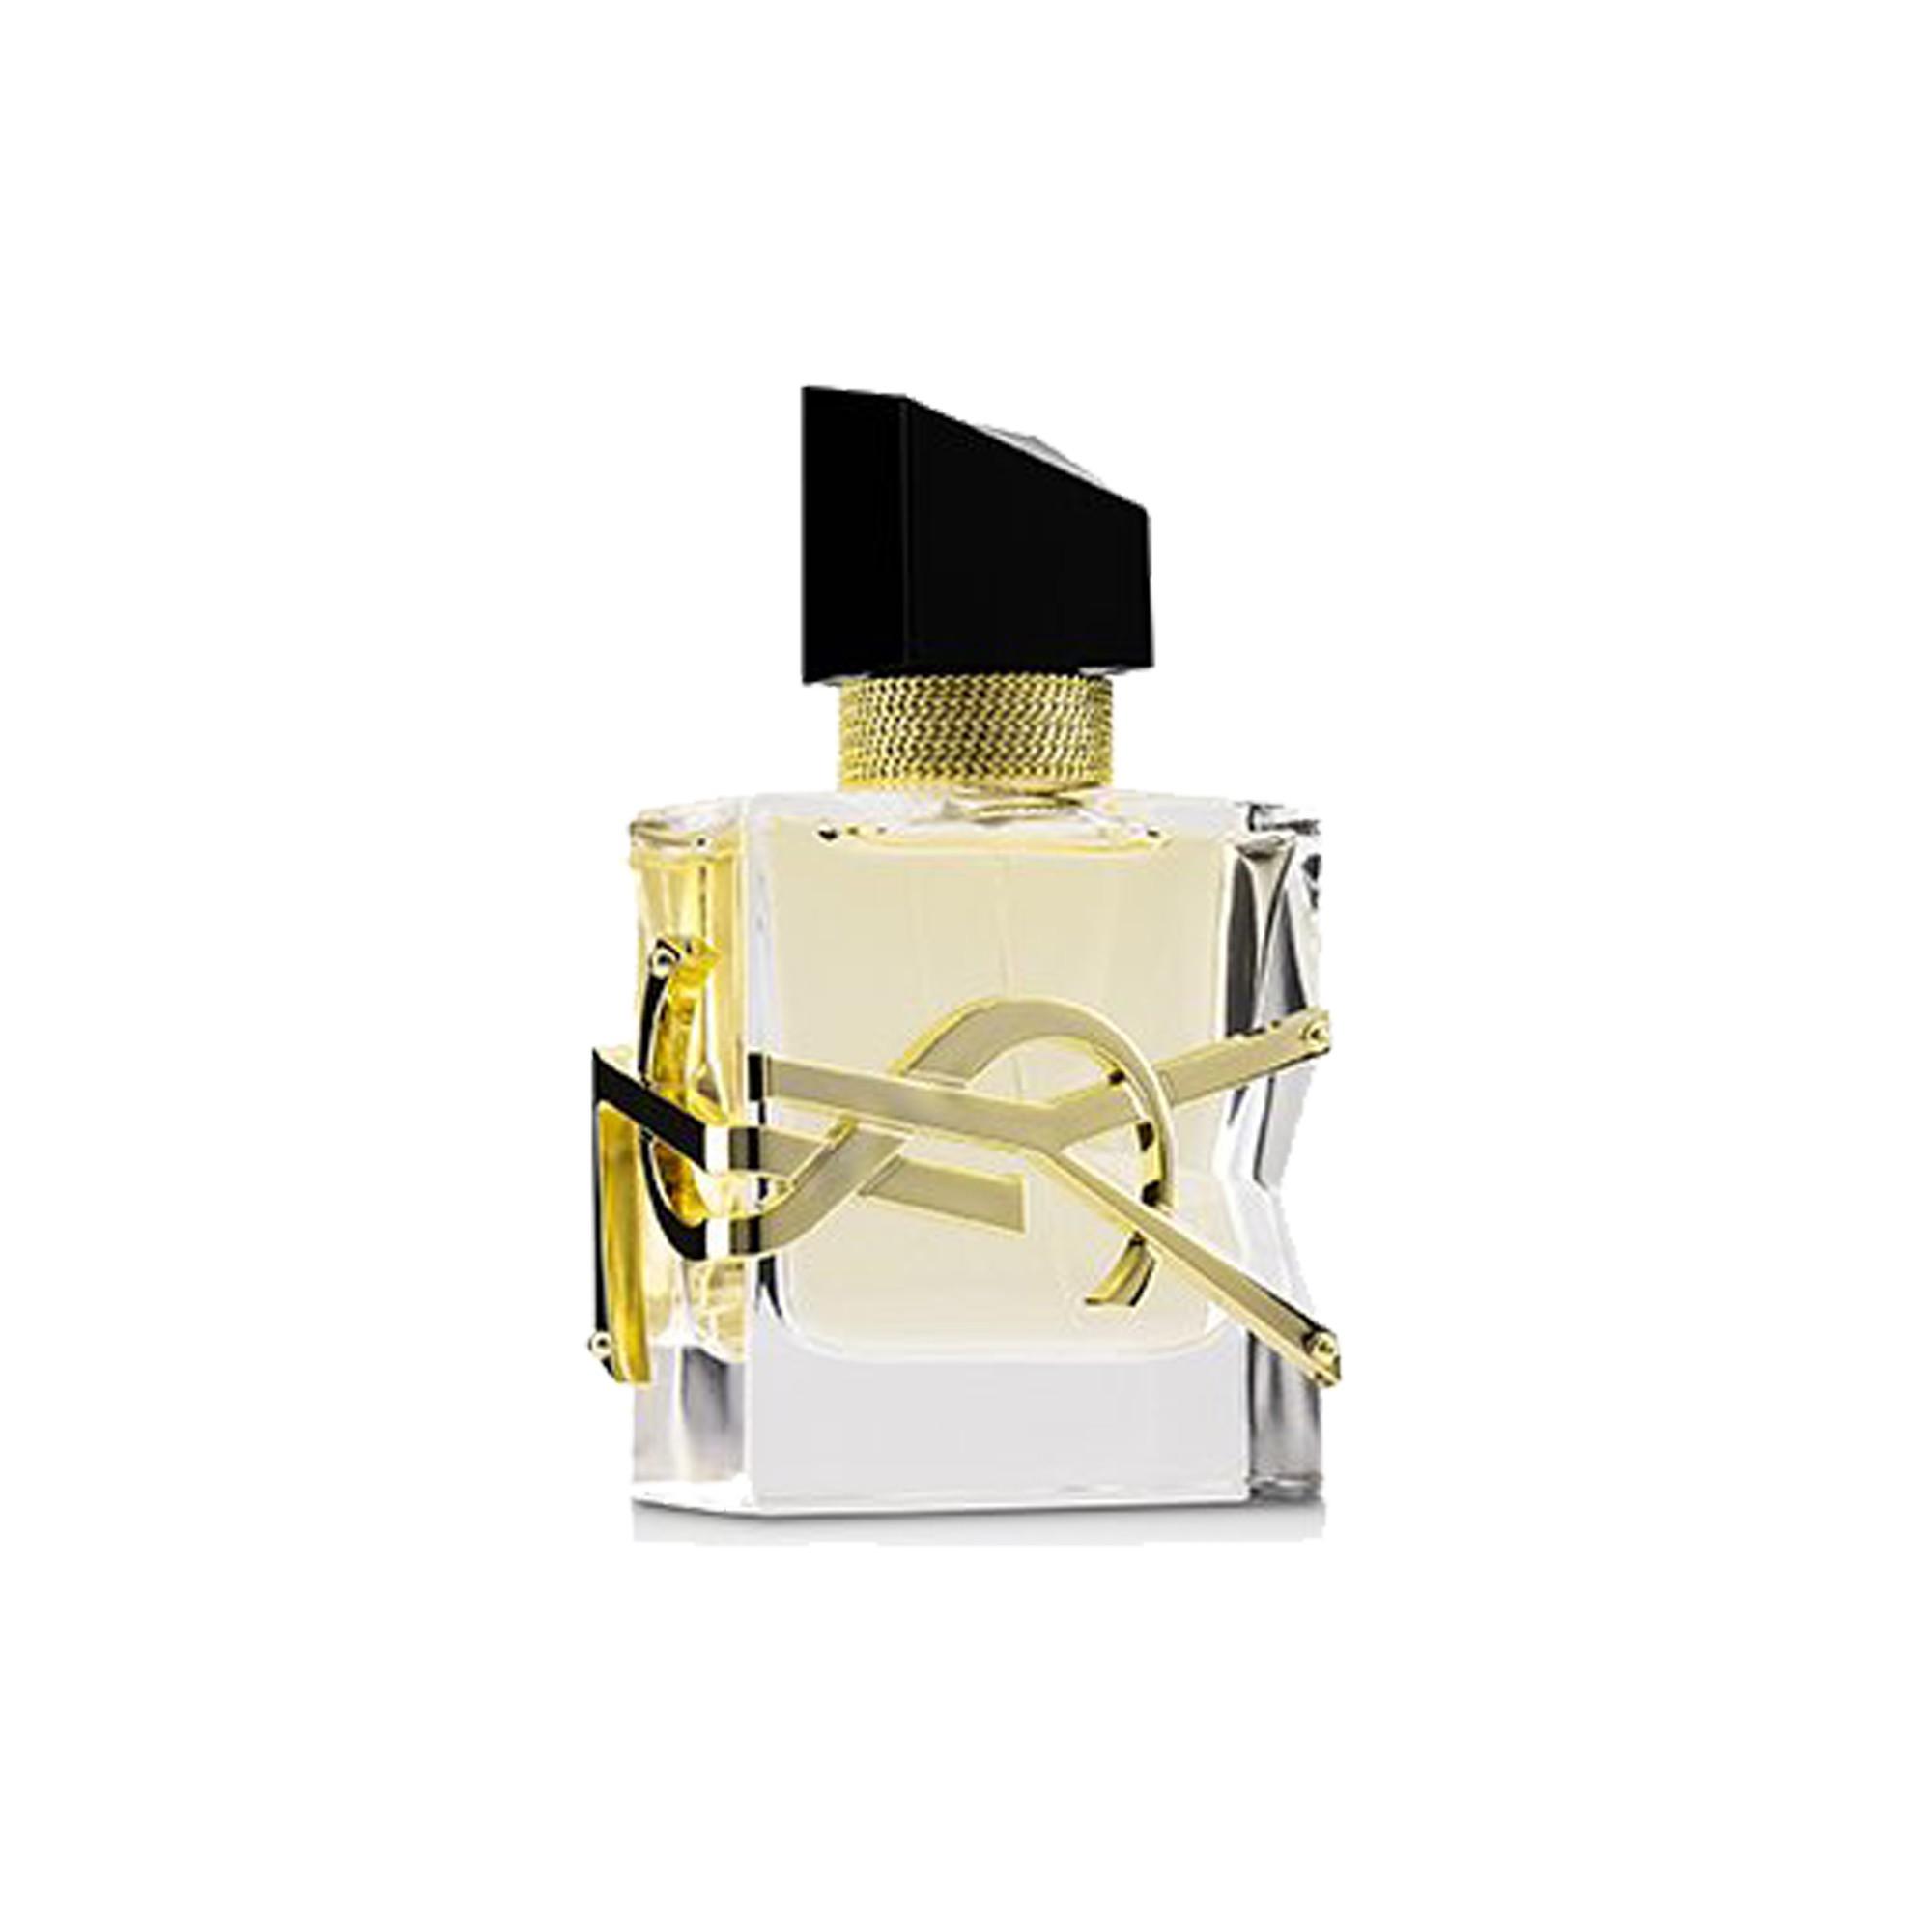 Perfume Ysl Libre 50 Ml